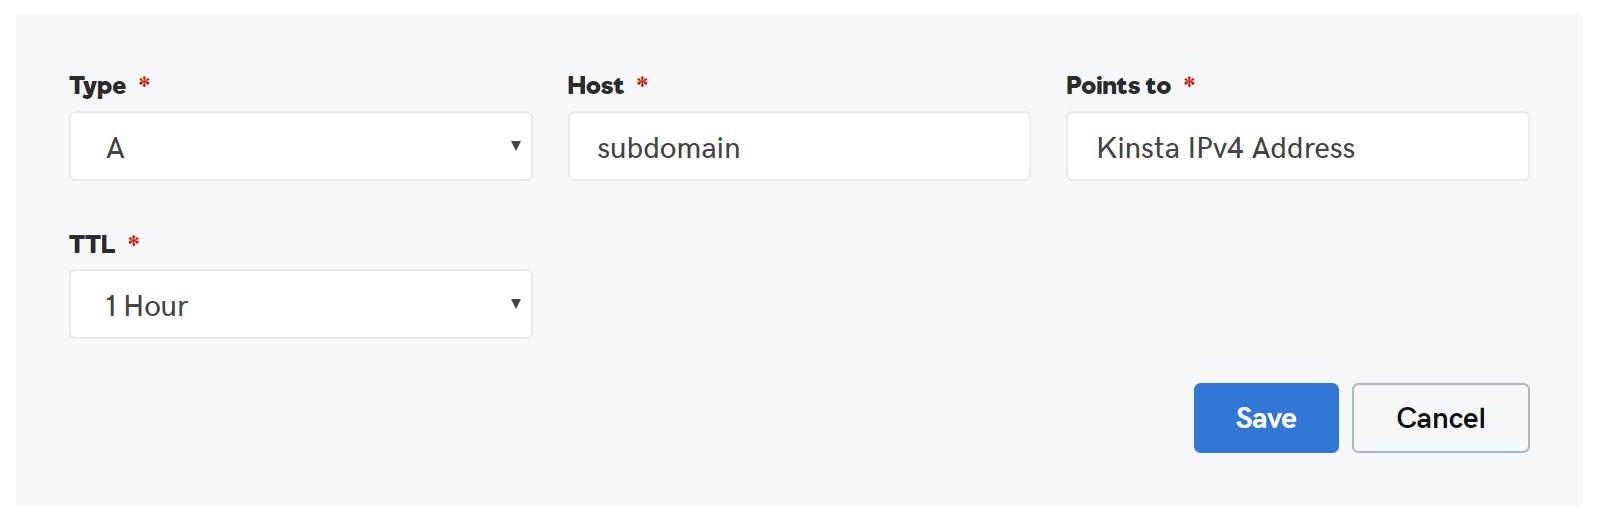 Enregistrement du sous-domaine A de GoDaddy